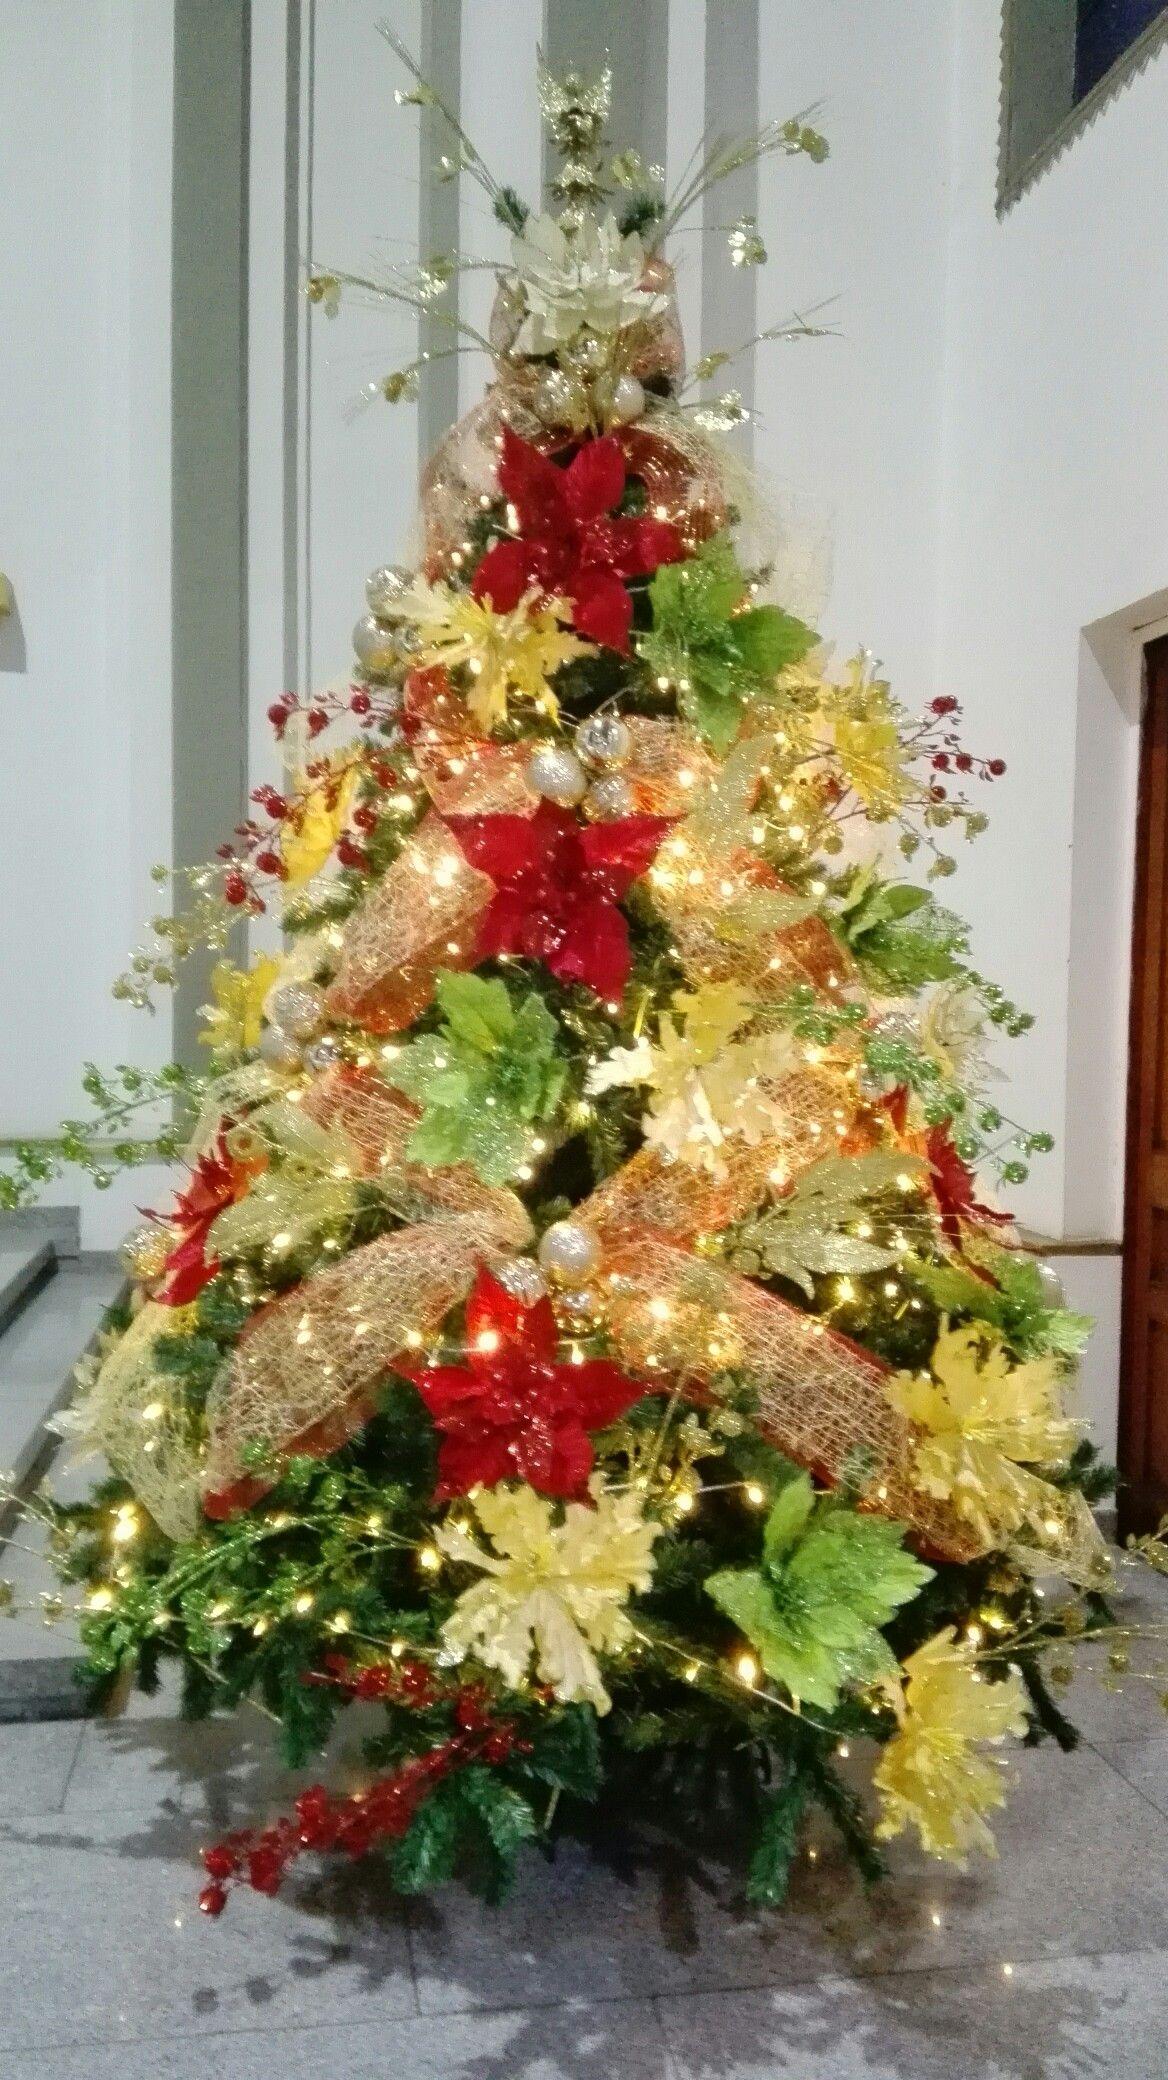 Nuestro árbol de navidad  Christmas tree